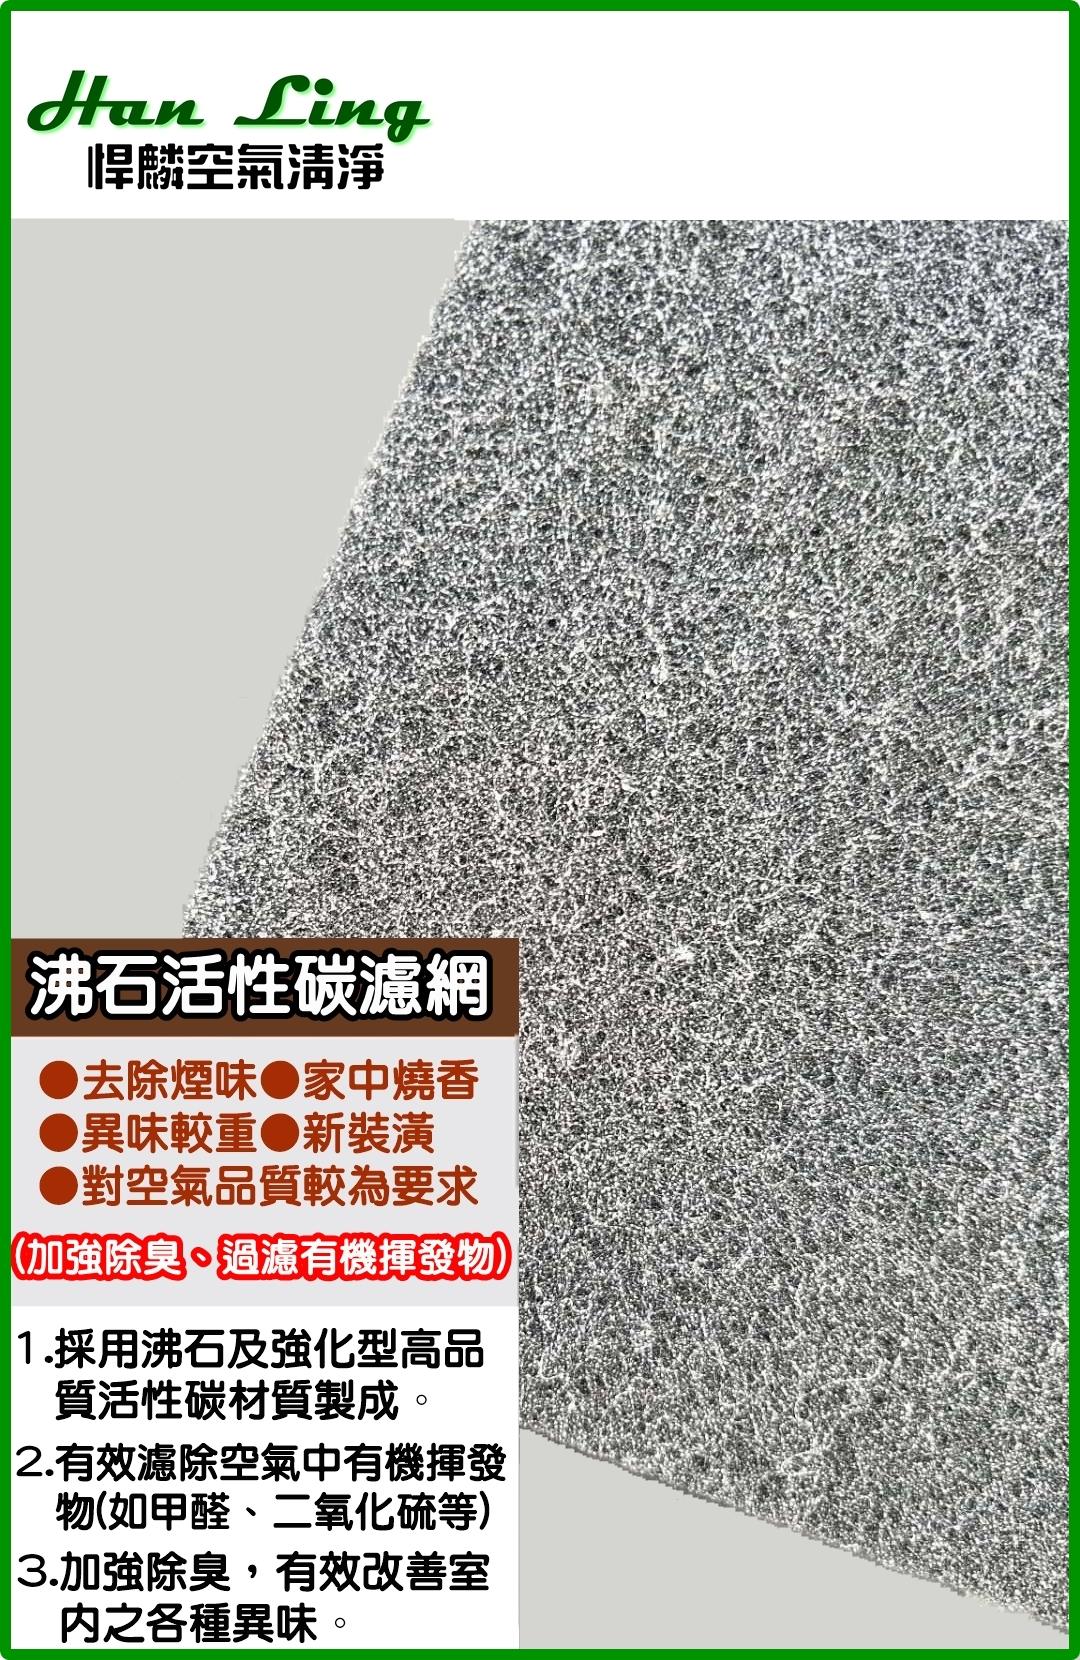 Coway 適用沸石活性碳前置濾網